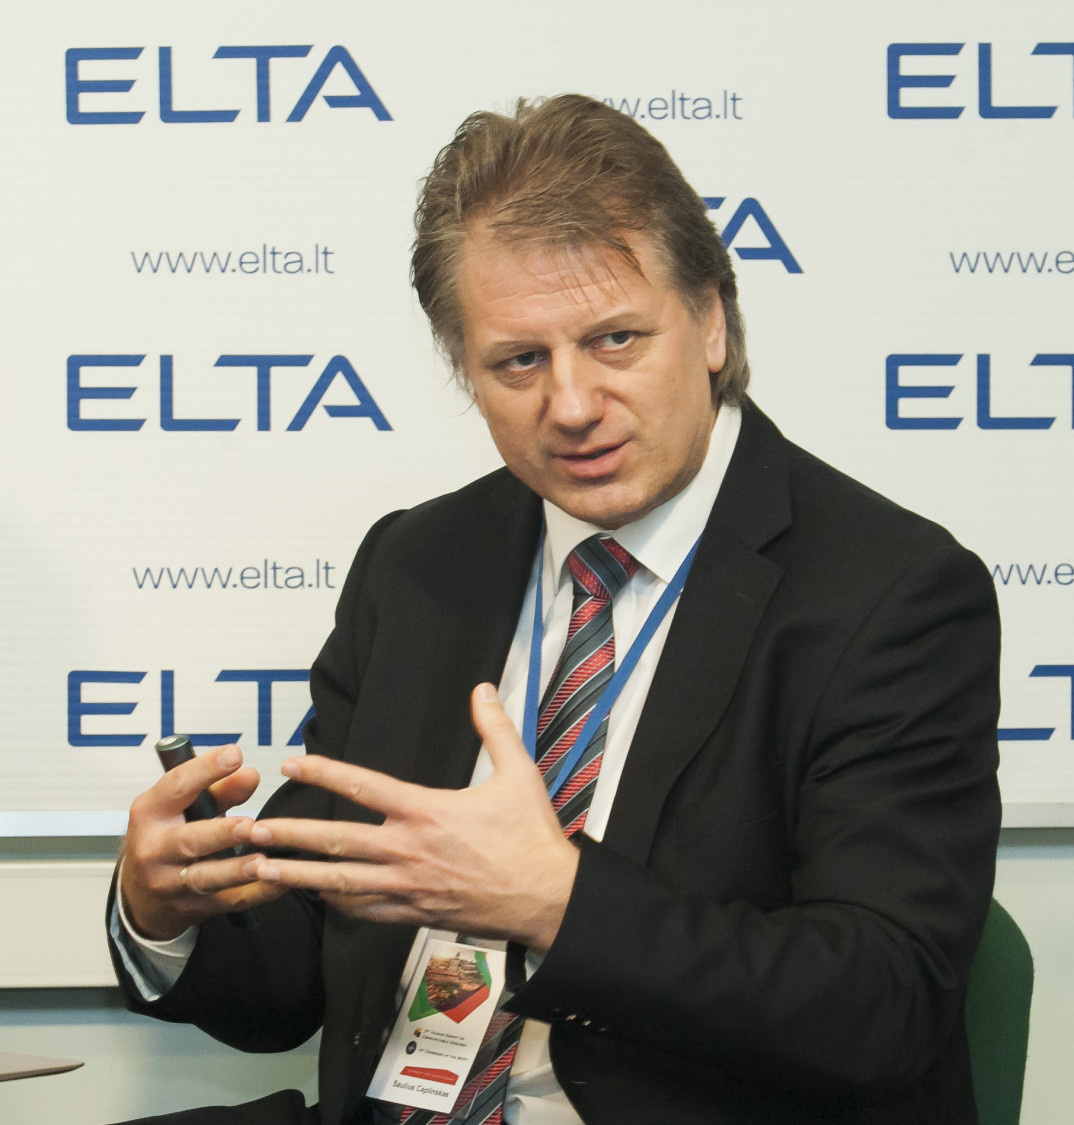 ULAC vadovas prof. dr. S. Čaplinskas ramina lietuvius: karantinų dėl koronaviruso šalyje nebus